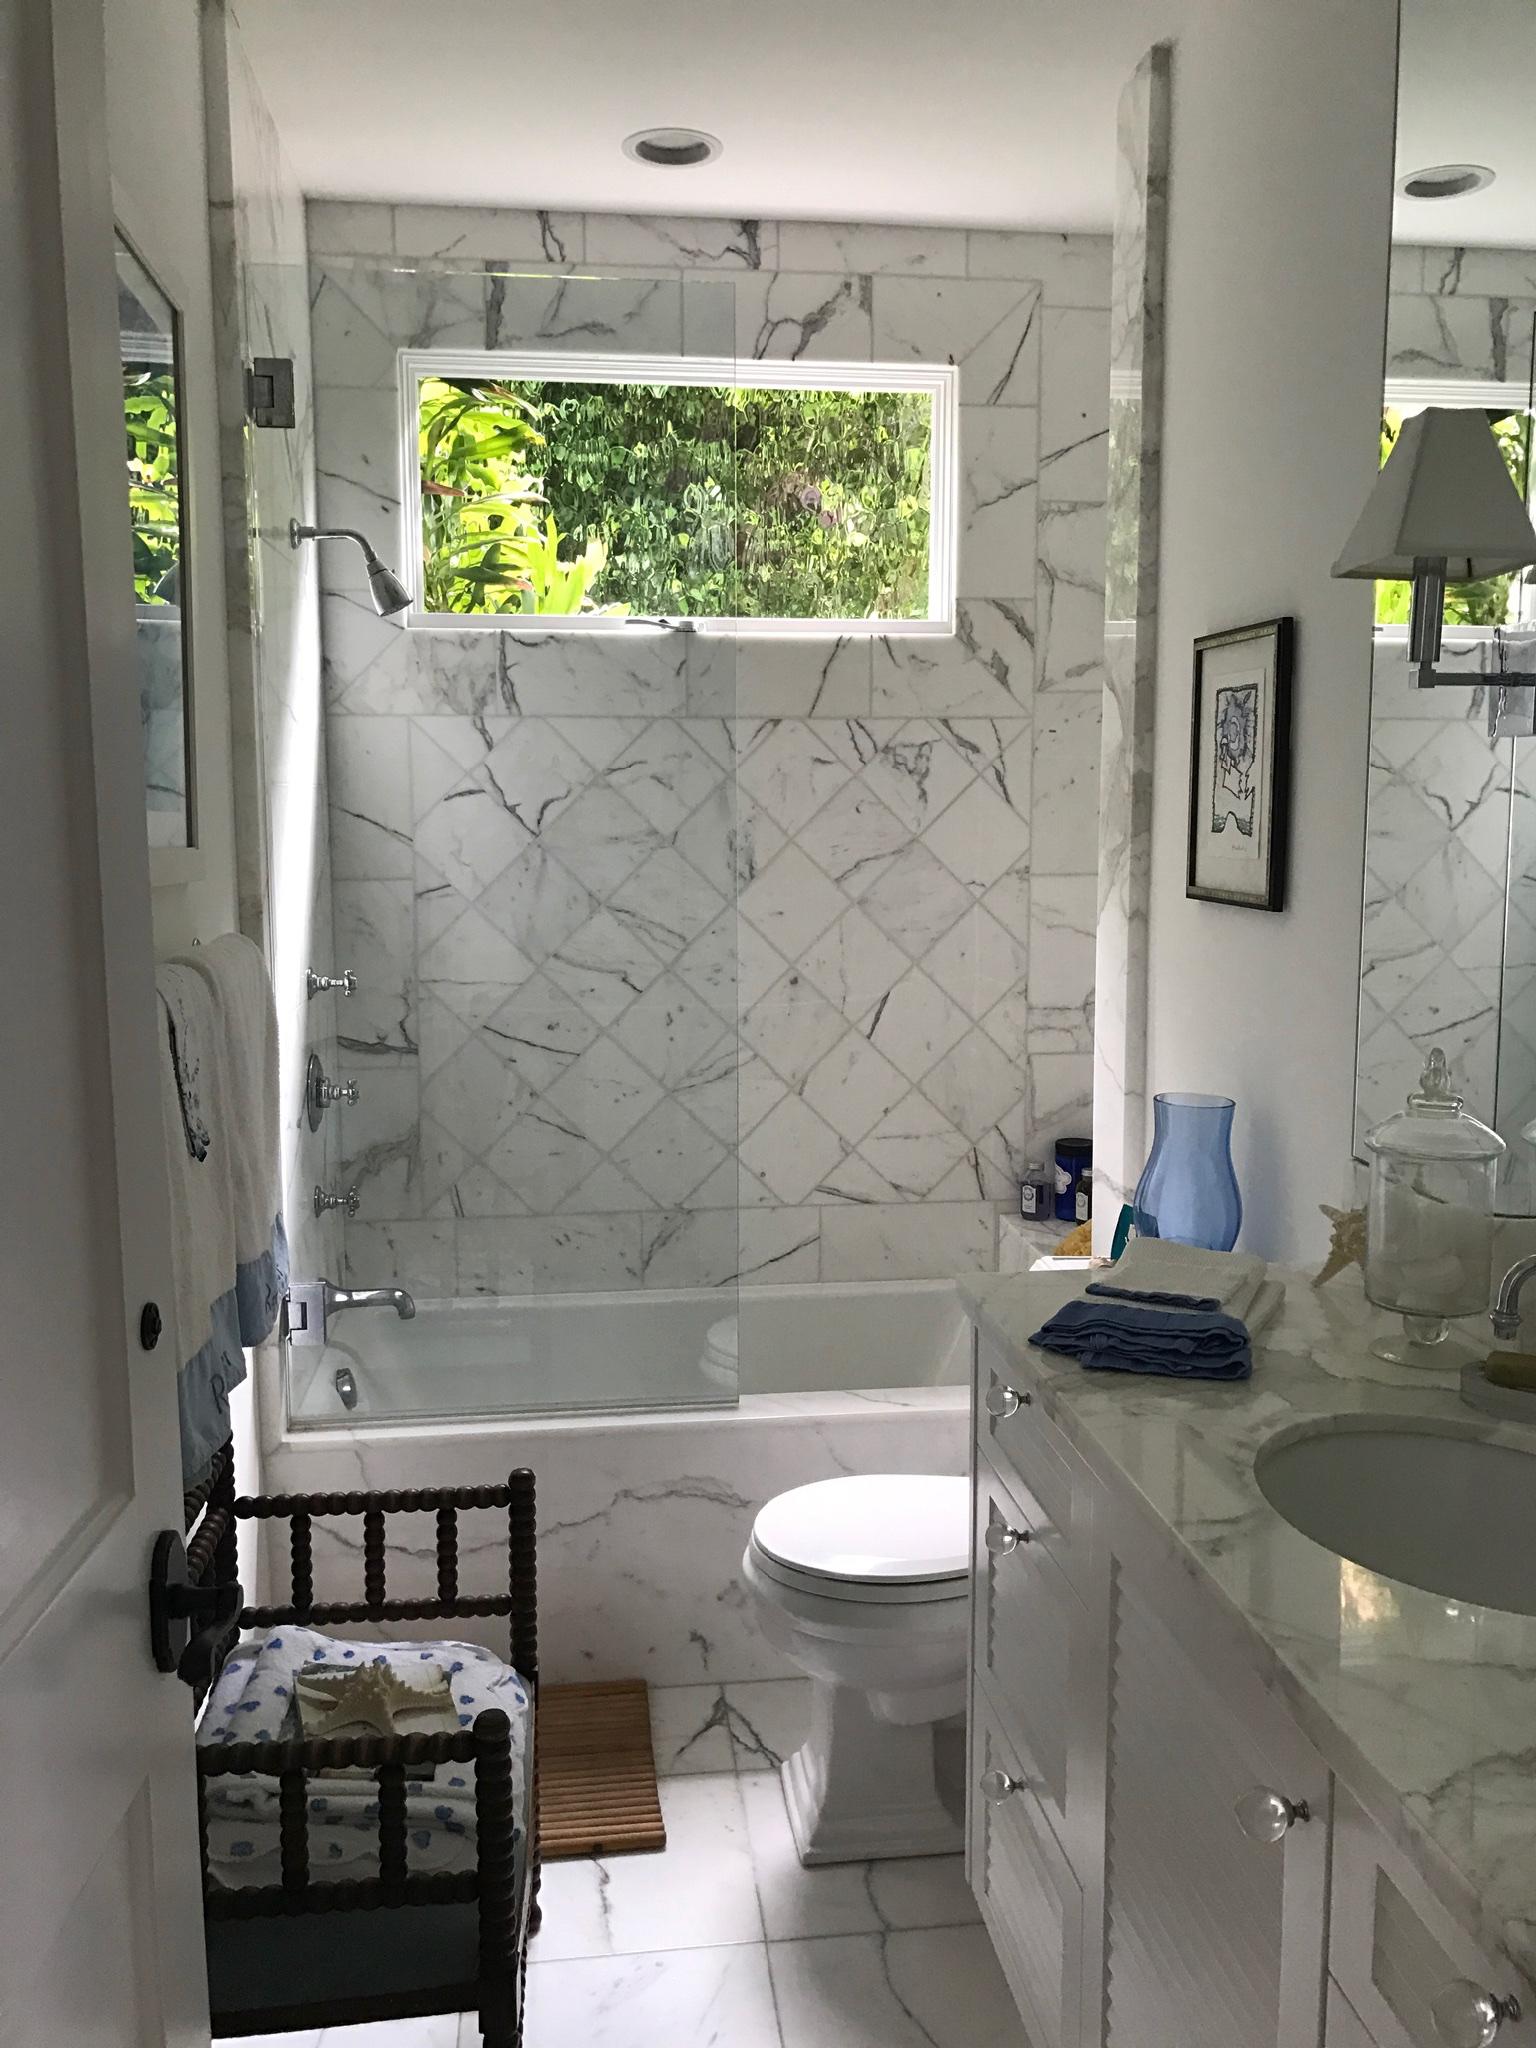 Guest bathroom design in Laguna Beach California home.